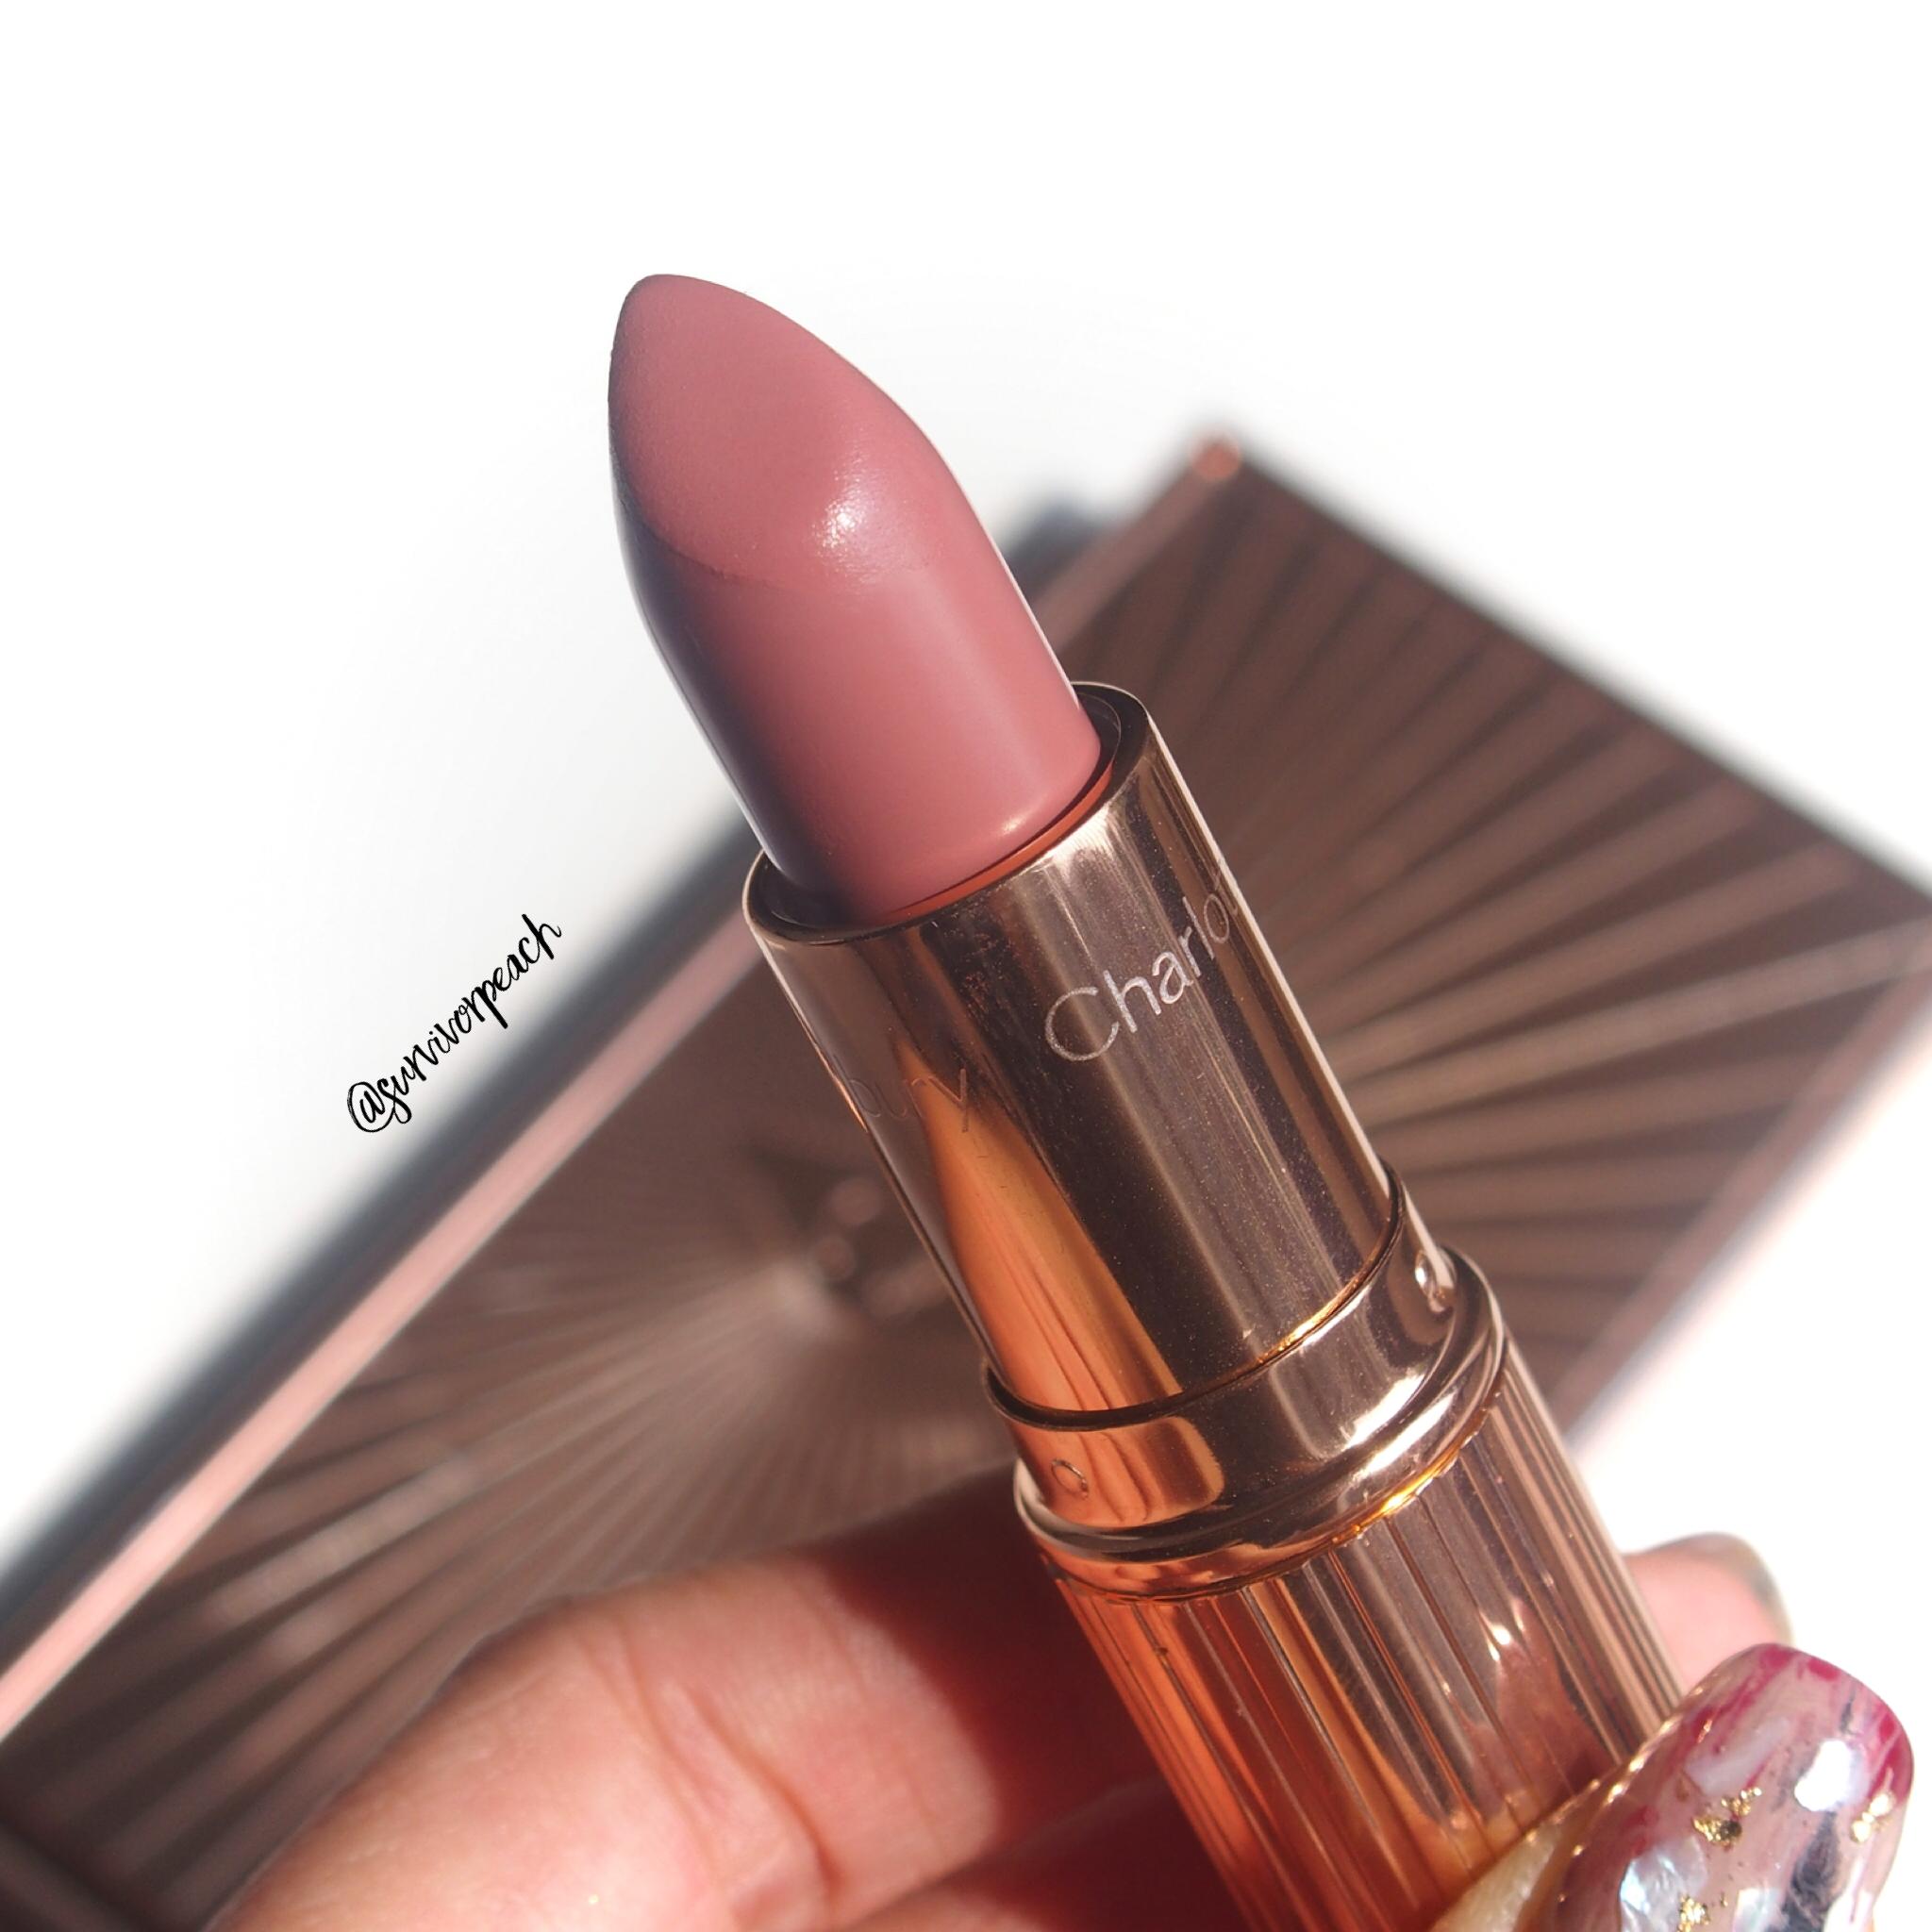 Charlotte Tilbury K.I.S.S.I.N.G Lipsticks in shade American Sweetheart